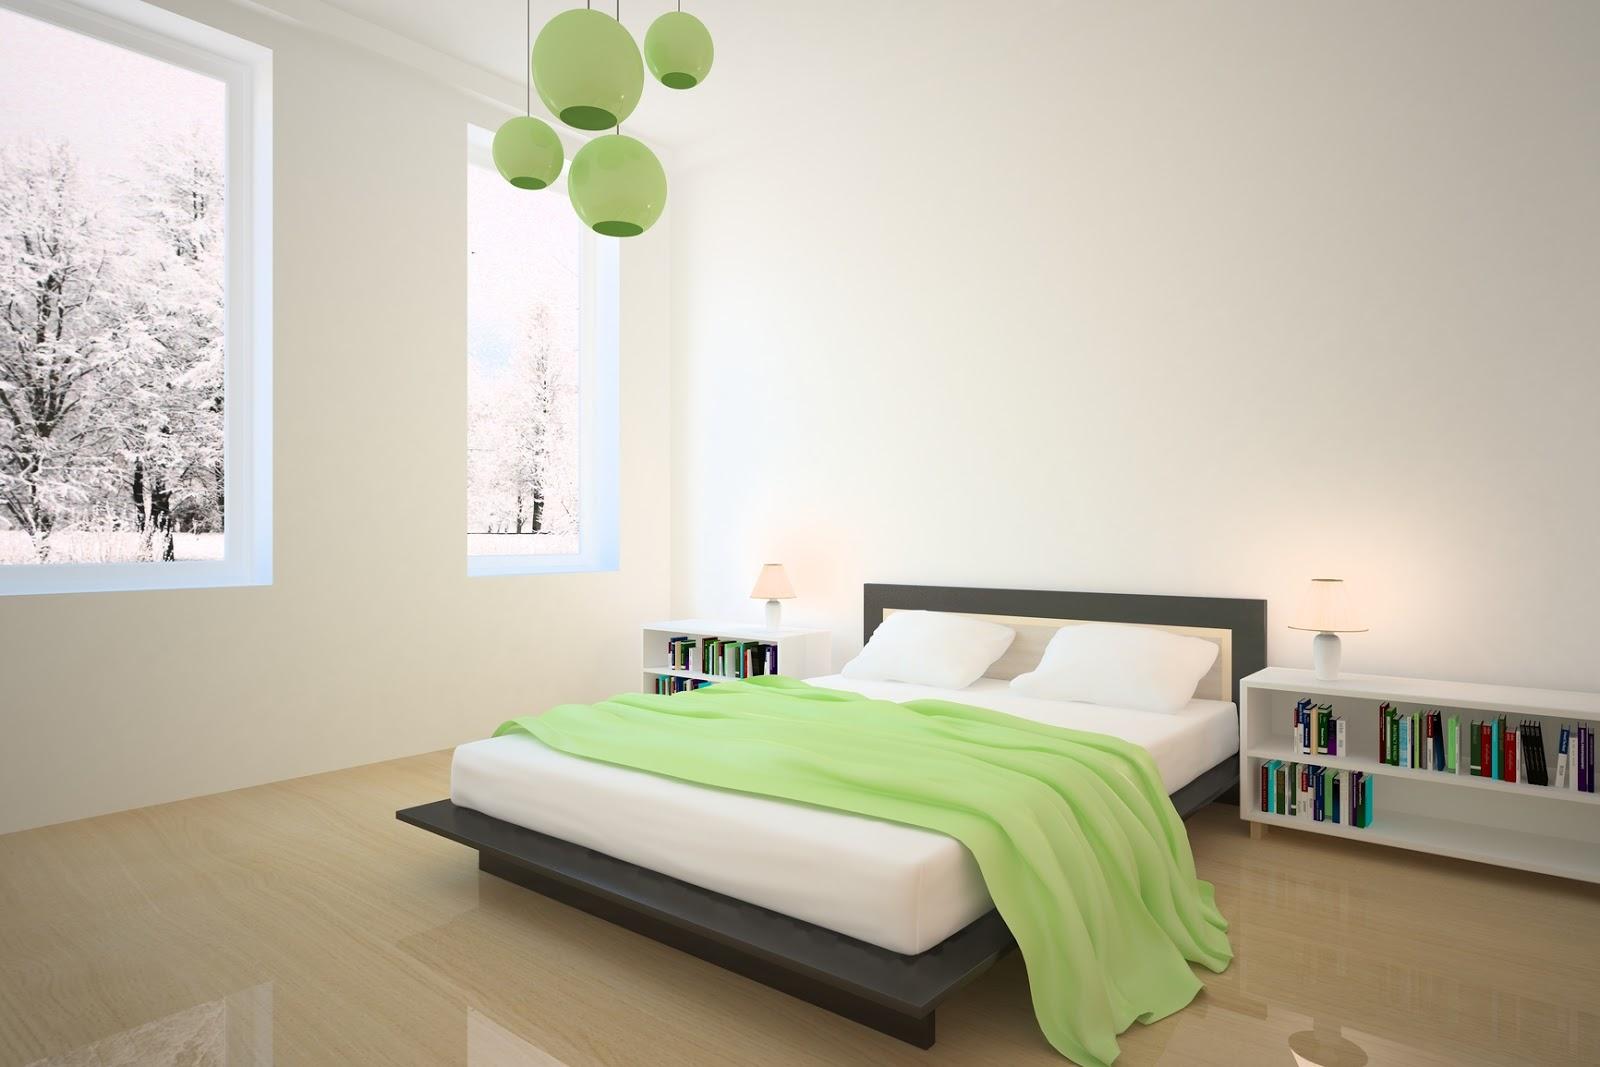 نجفة مميزة باللون الاخضر بغرفة النوم البسيطة